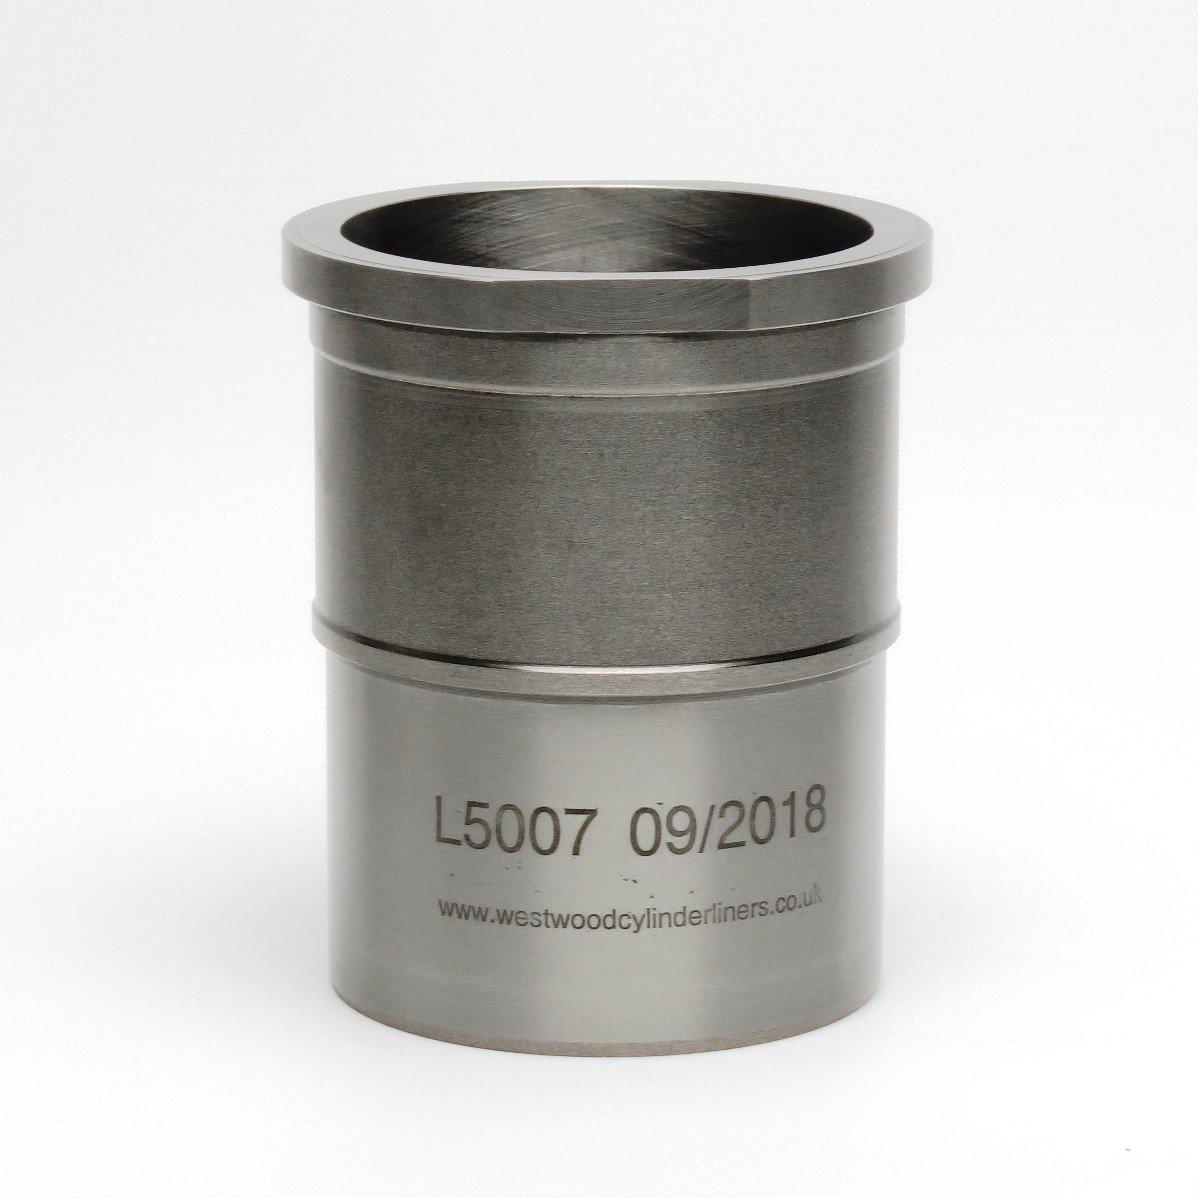 L 5007 - Cylinder Repair Liner